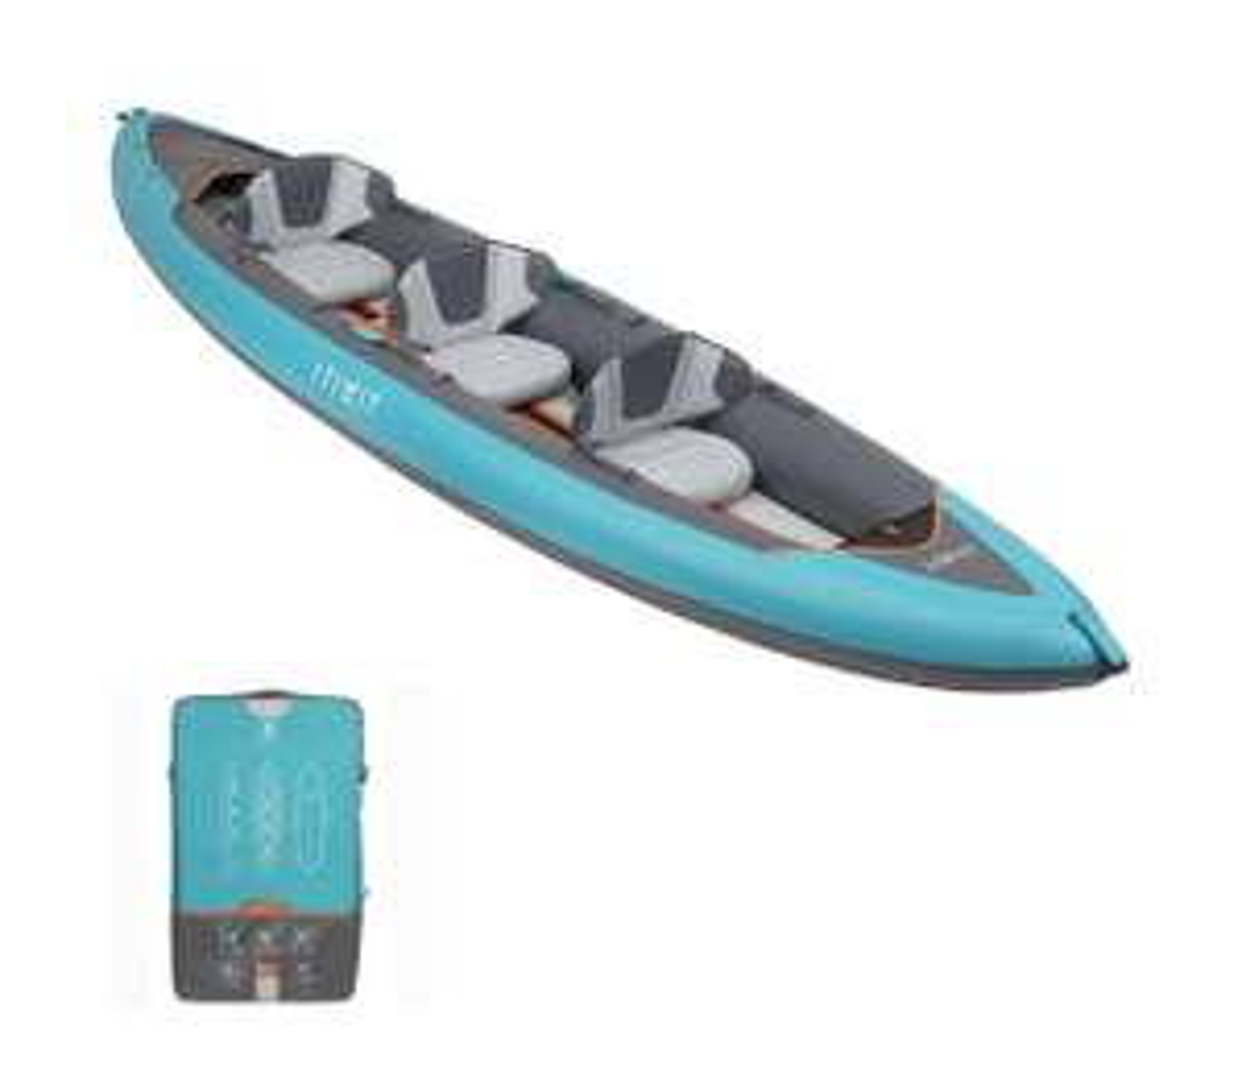 Kayak gonflable Itiwit Stitch x100 - 3 places (ou 2 places à 350€)